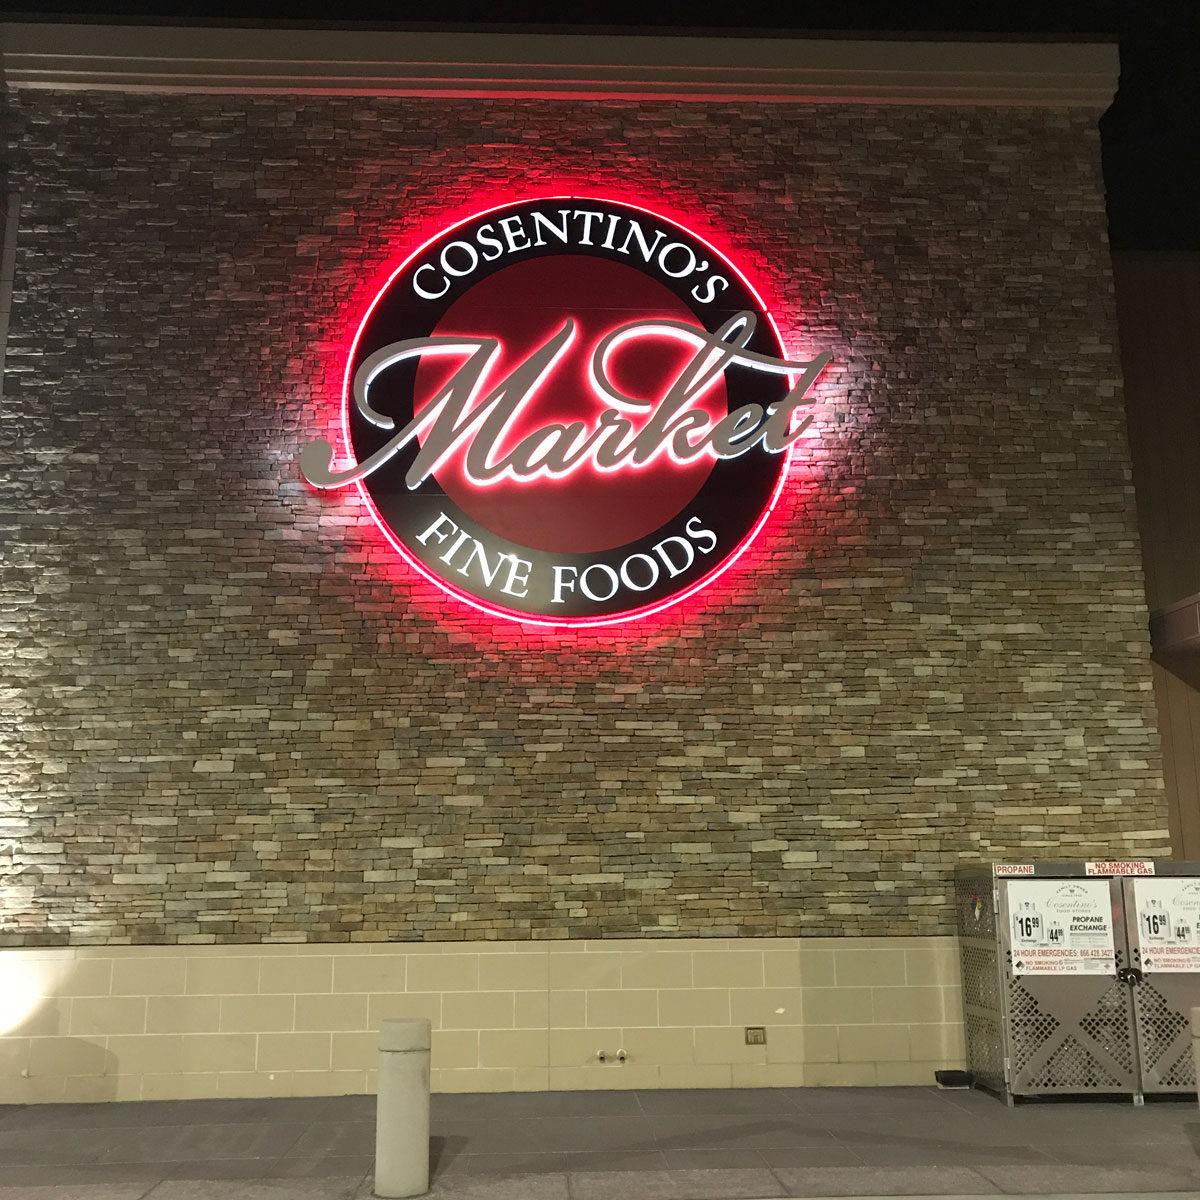 Cosentinio's Market Fine foods Neon Sign